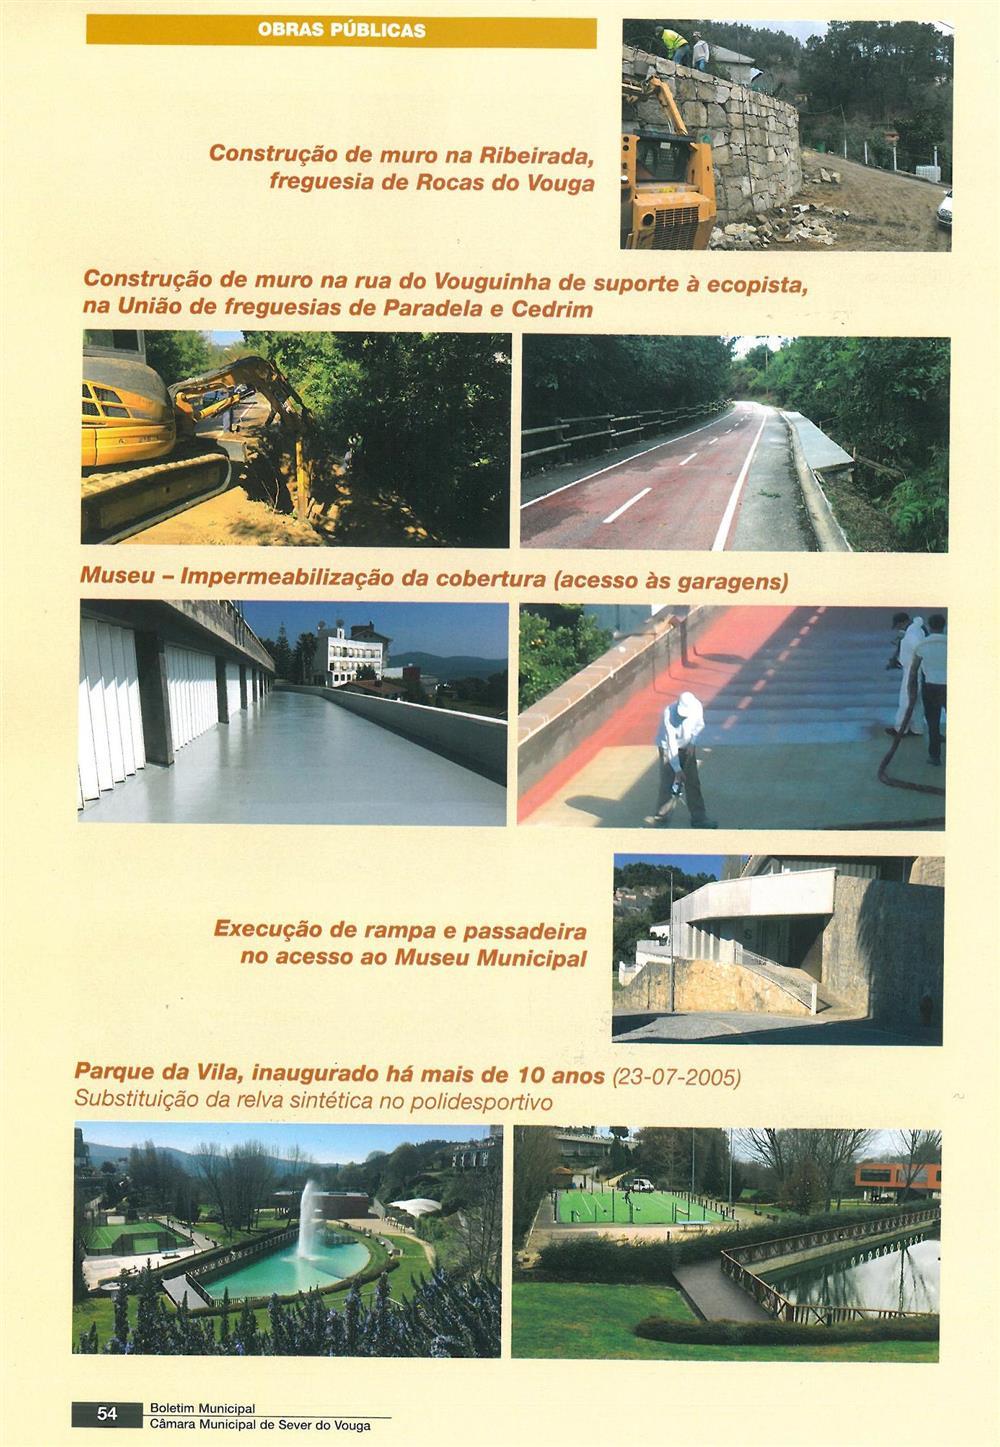 BoletimMunicipal-n.º32-nov.'15-p.54-Obras públicas [4.ª parte de oito].jpg